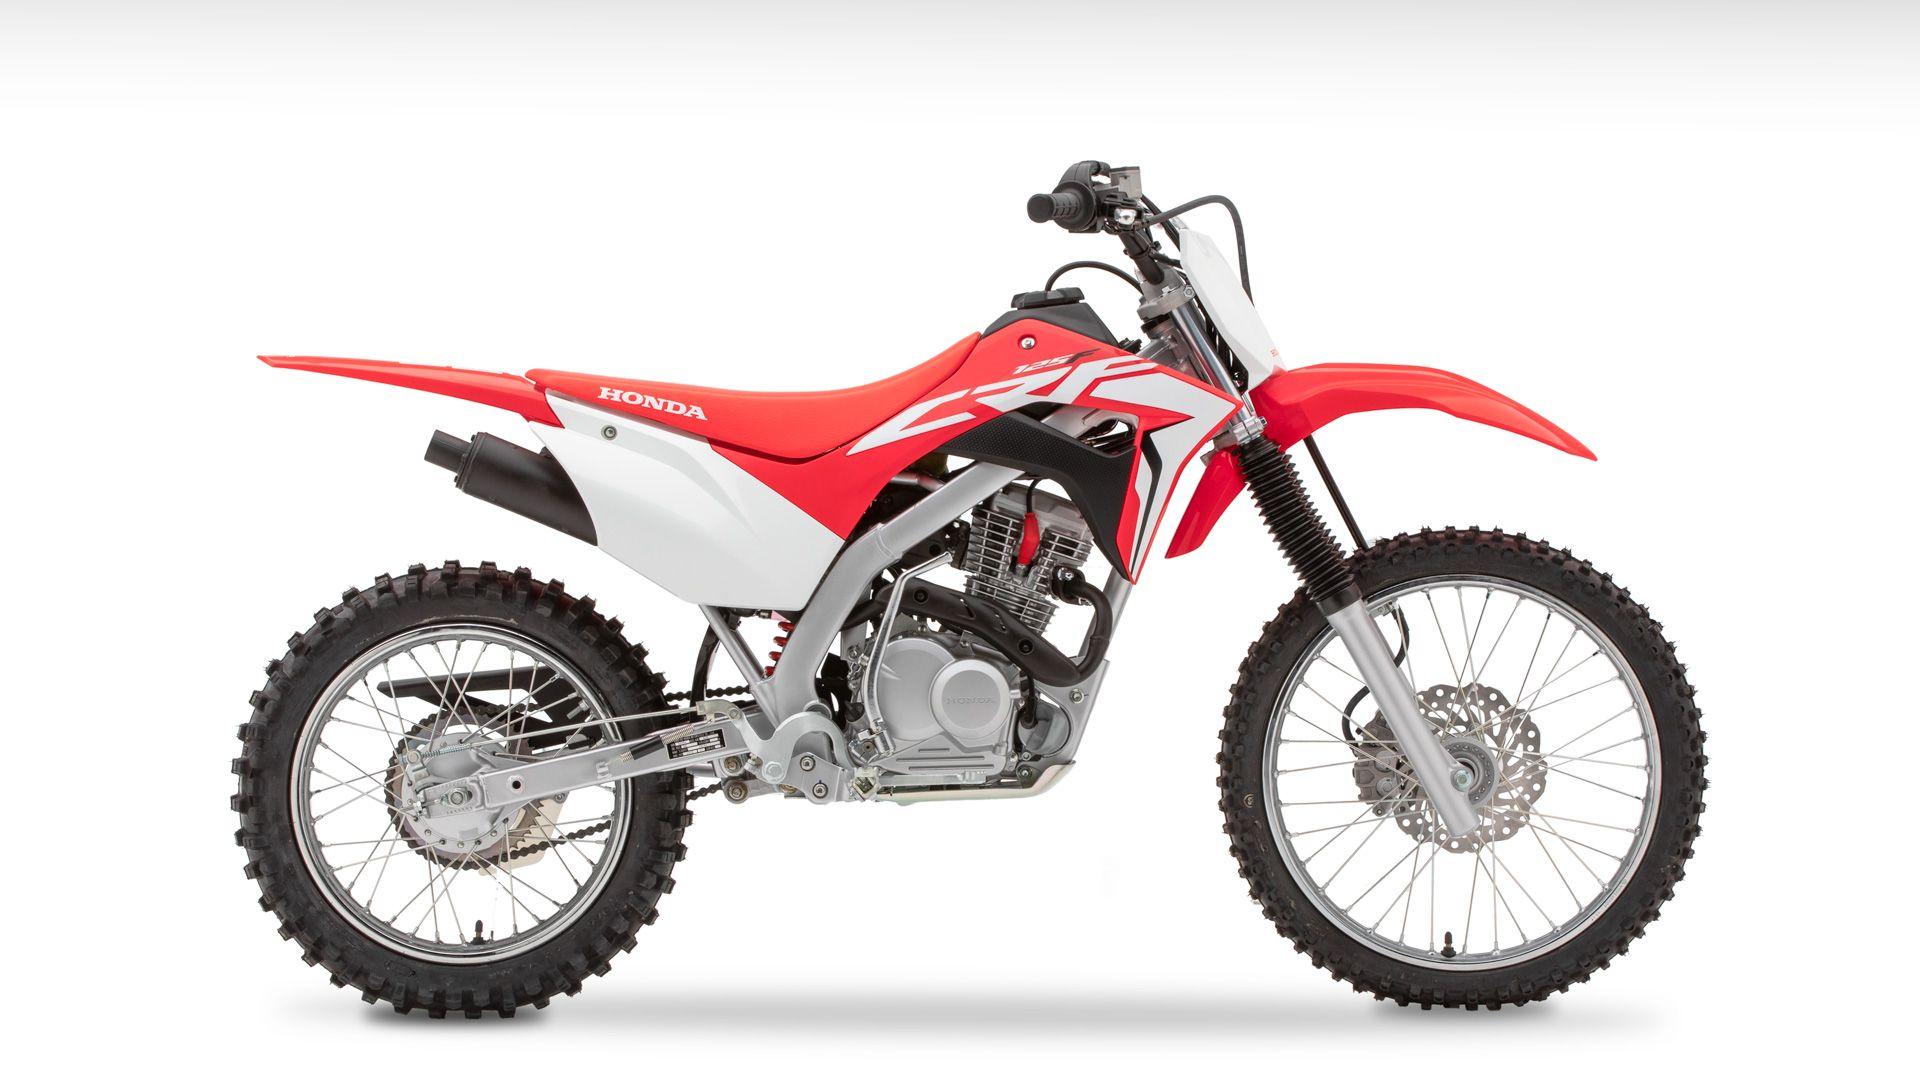 Crf125fb In 2020 Dirtbikes Best Motorbike Dirt Bike Gear